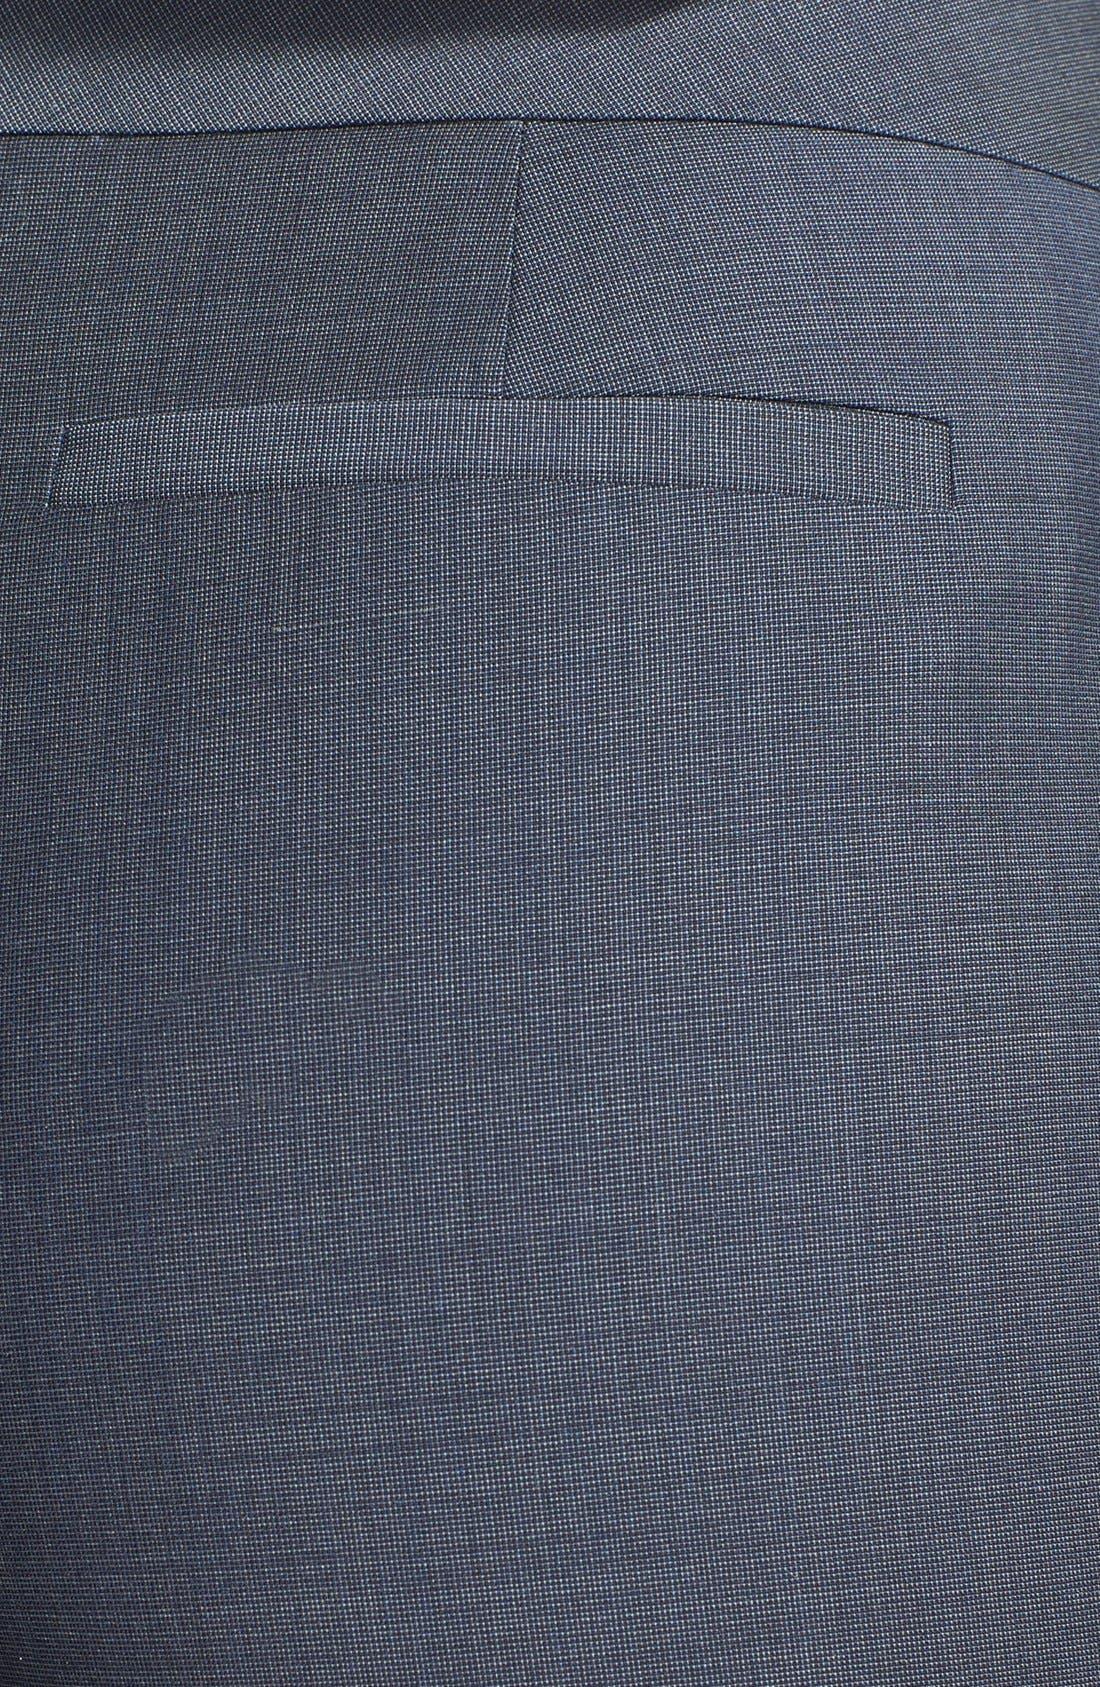 Alternate Image 3  - Classiques Entier® 'Simone' Slim Wool Suiting Pants